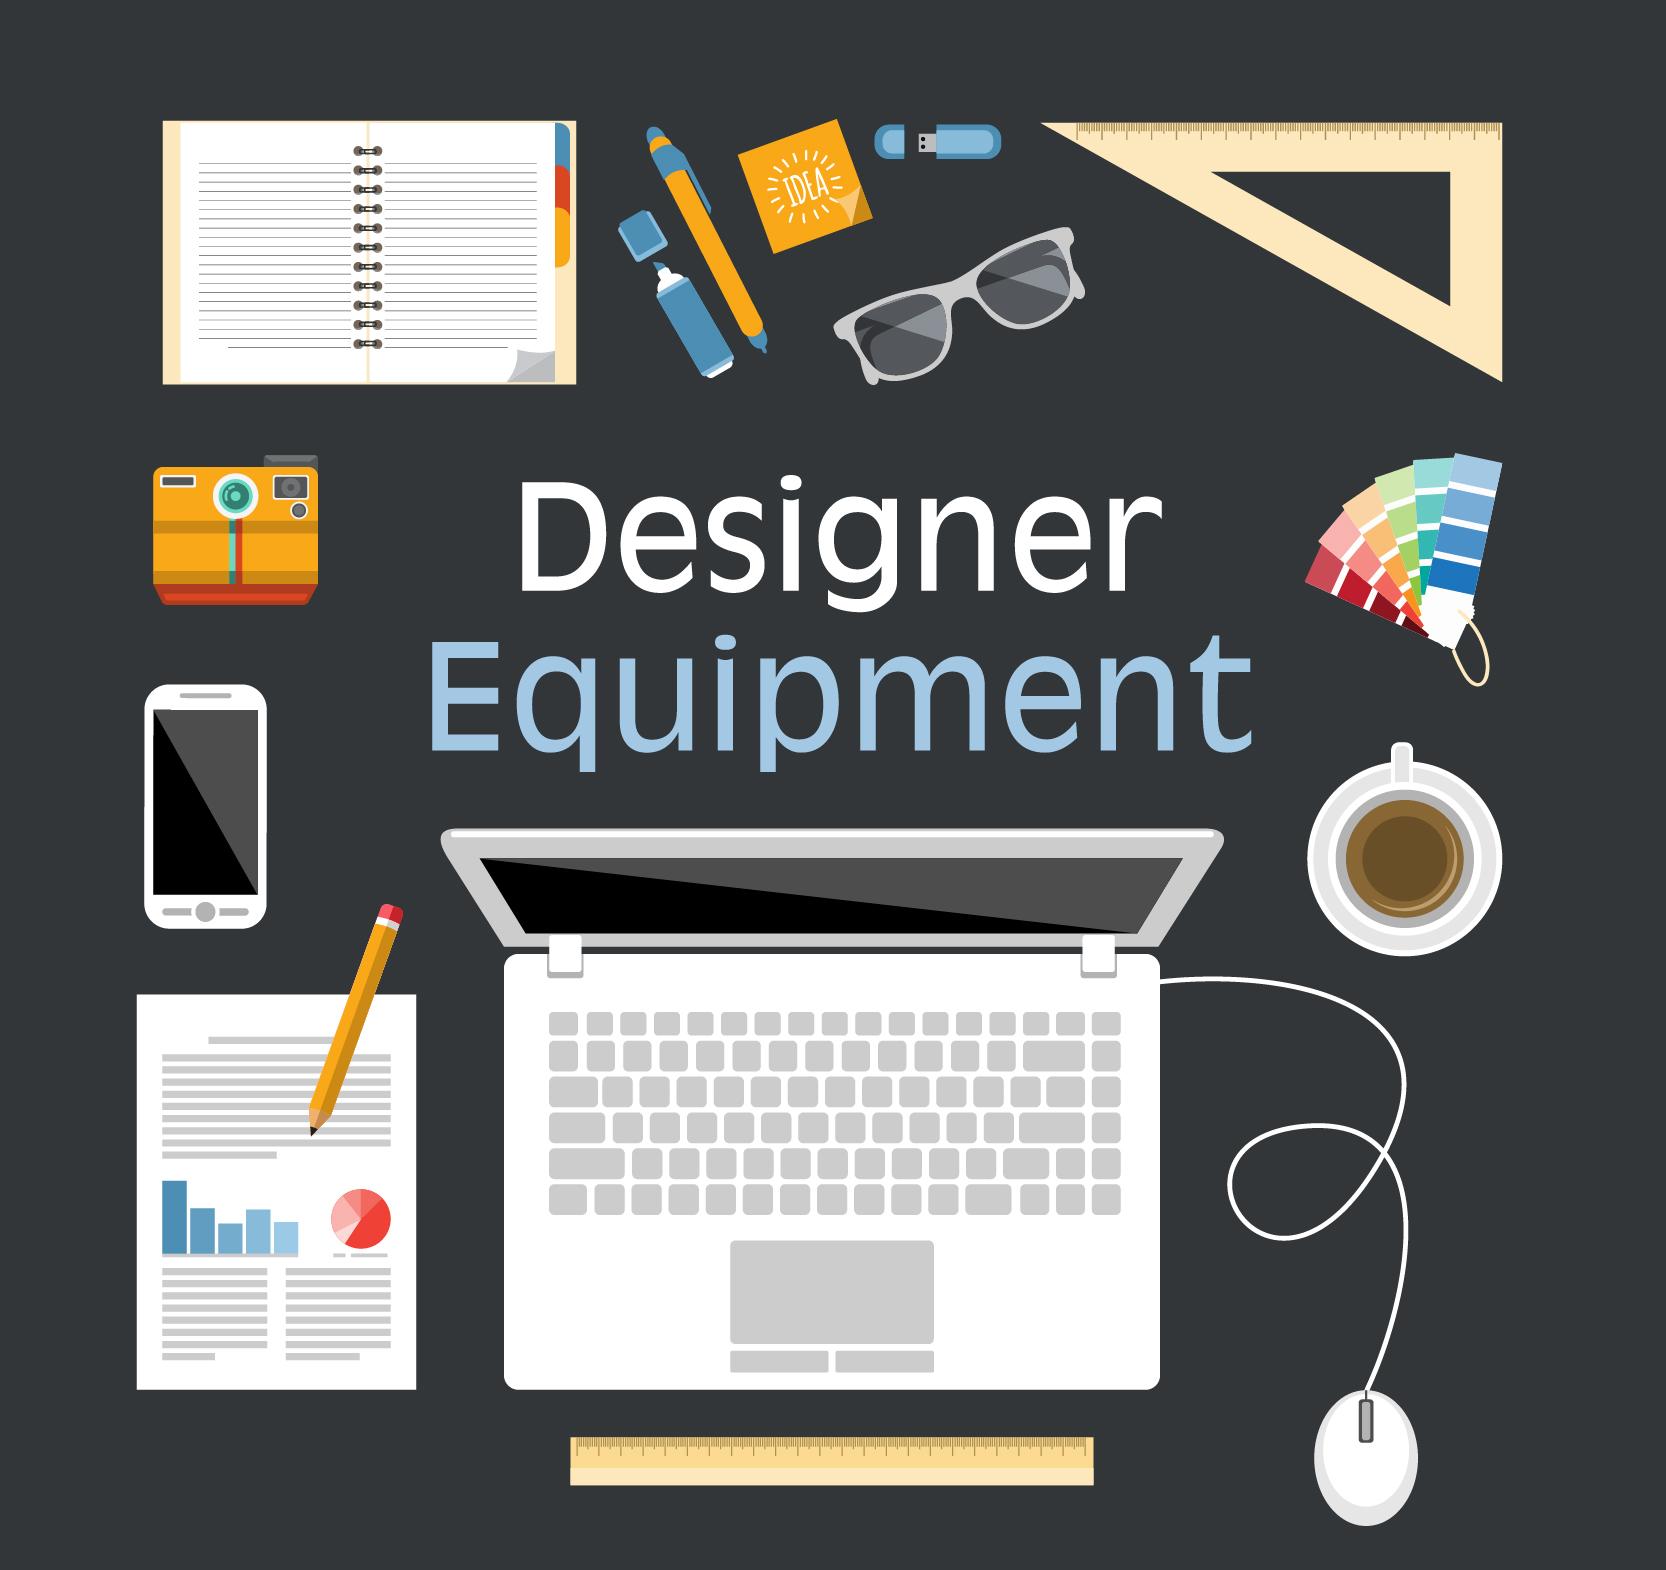 Se sei un #designer, su Daddi.it troverai tutto ciò che ti serve per il tuo lavoro :D  Shop on #Daddi goo.gl/C4x1Uk :D